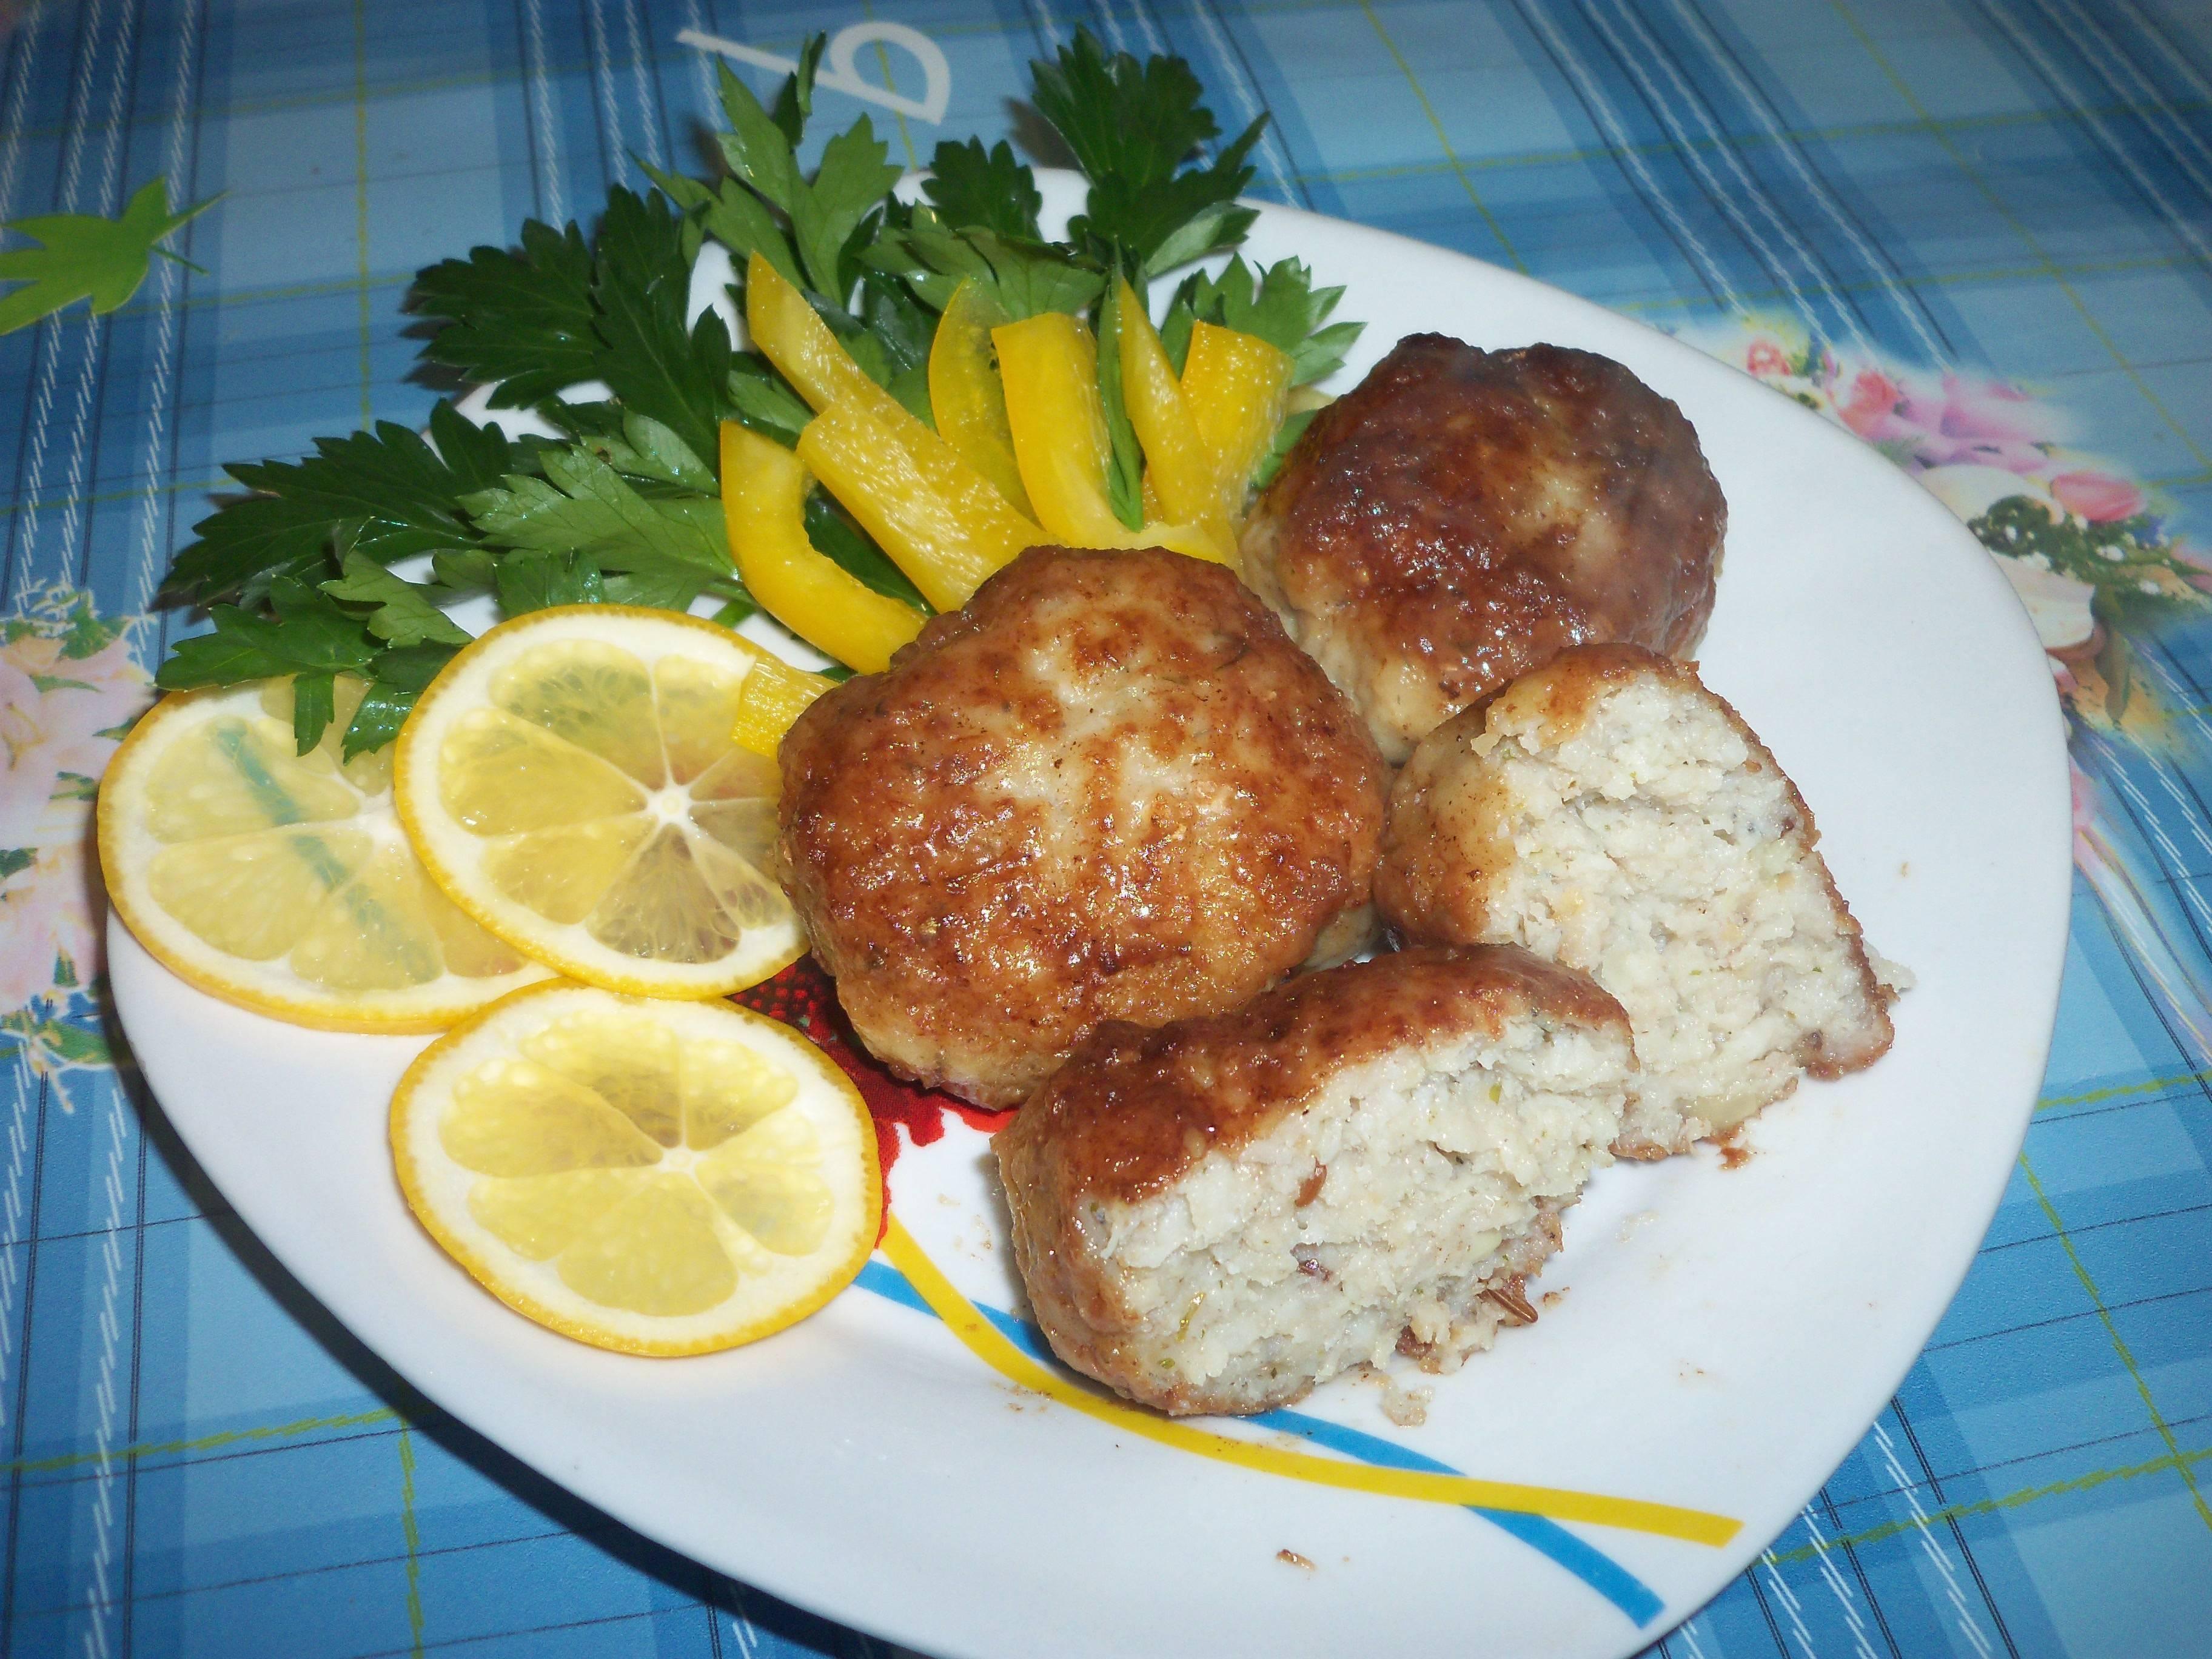 Котлеты из щуки: пошаговые рецепты приготовления, как приготовить фарш без сала, фото